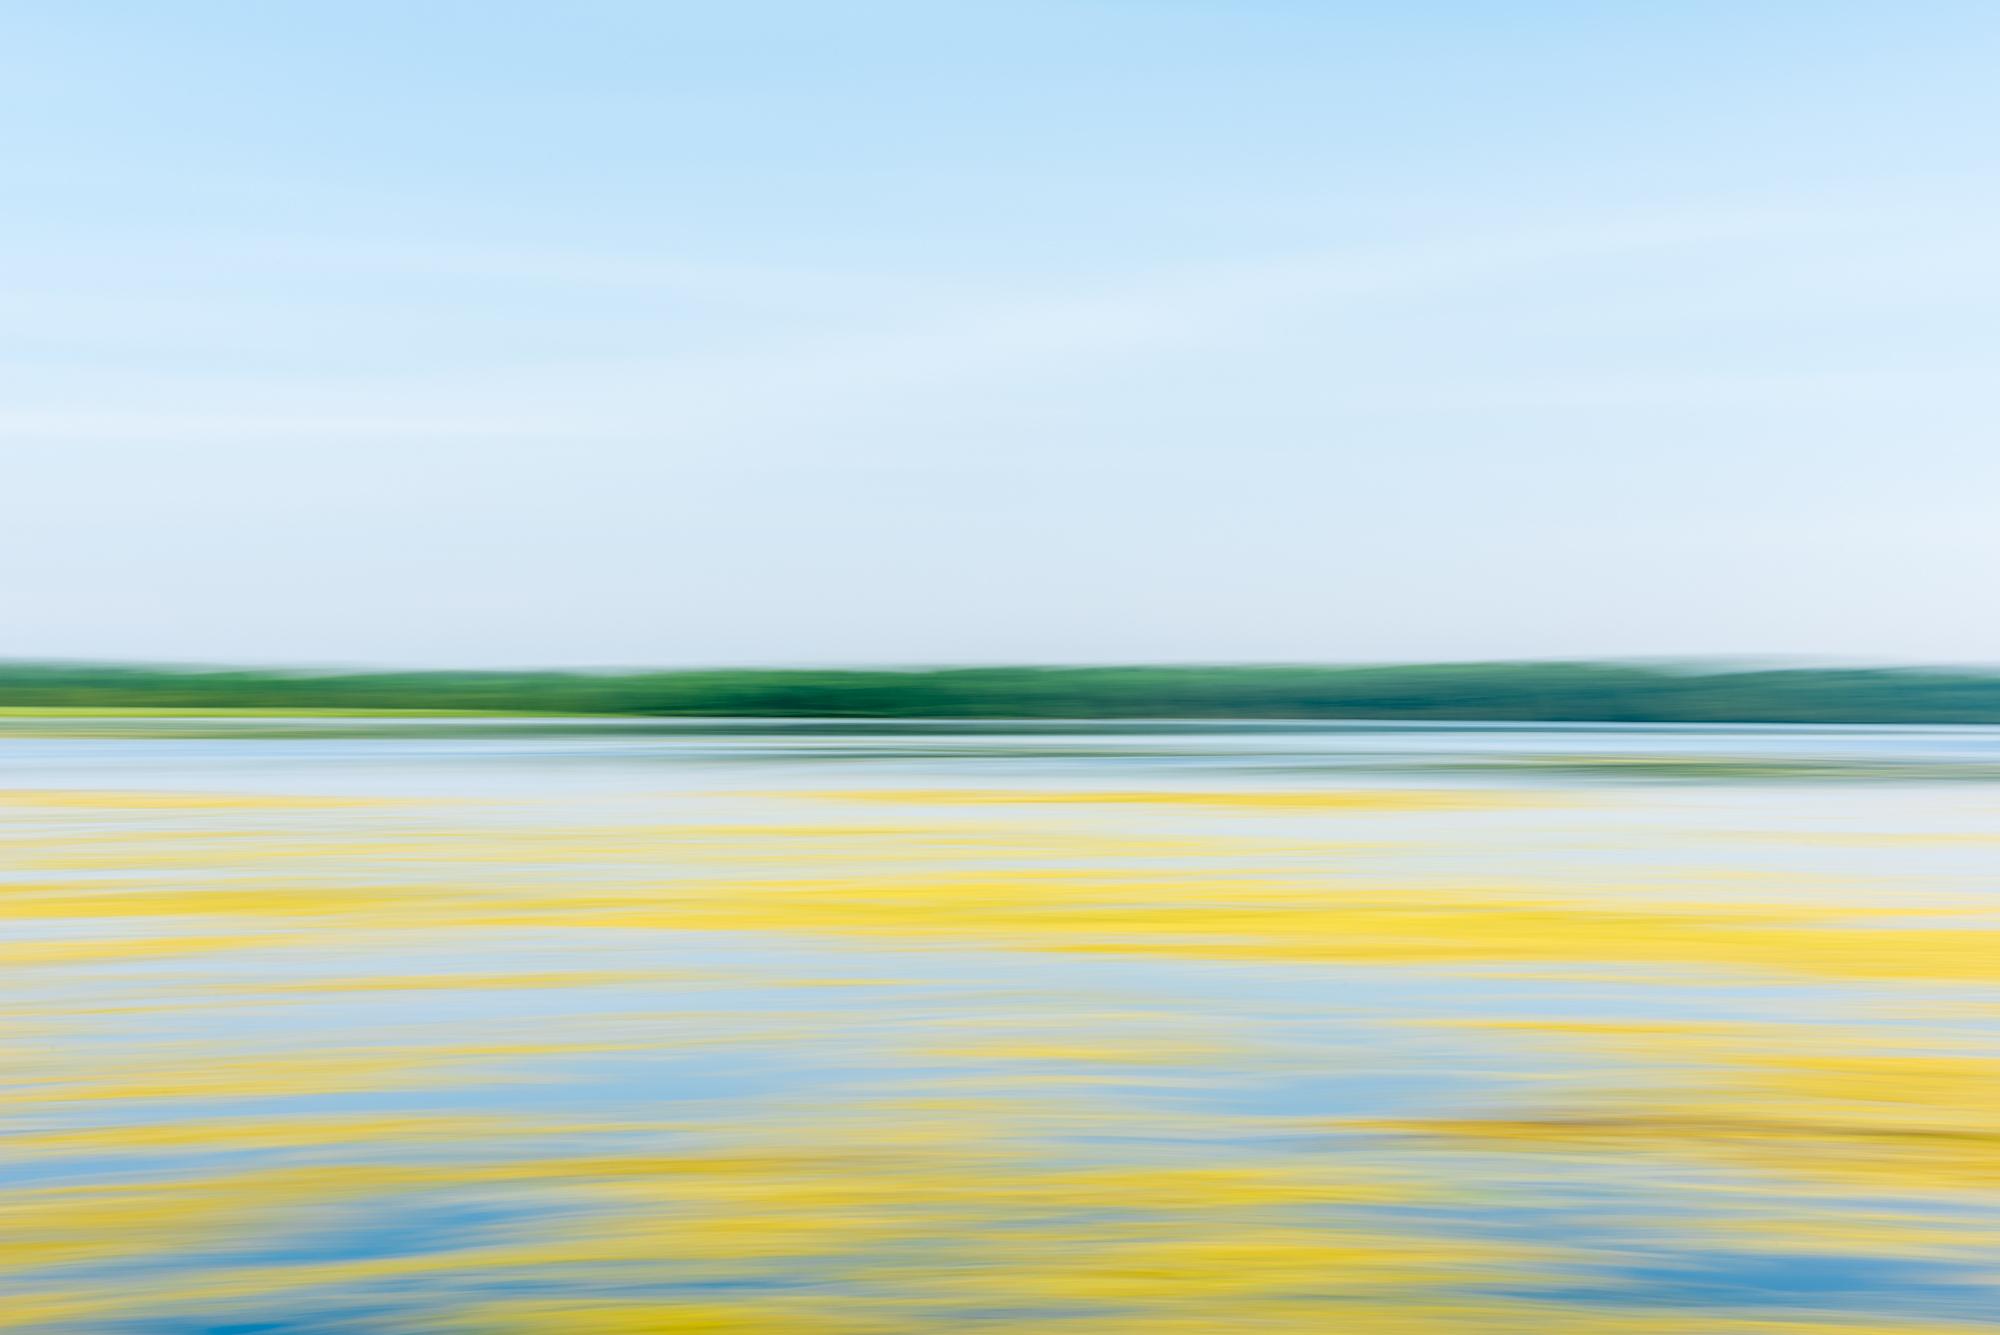 fotografia a colori di un paesaggio astratto dell'orizzonte e del lago di Jim Kostecky